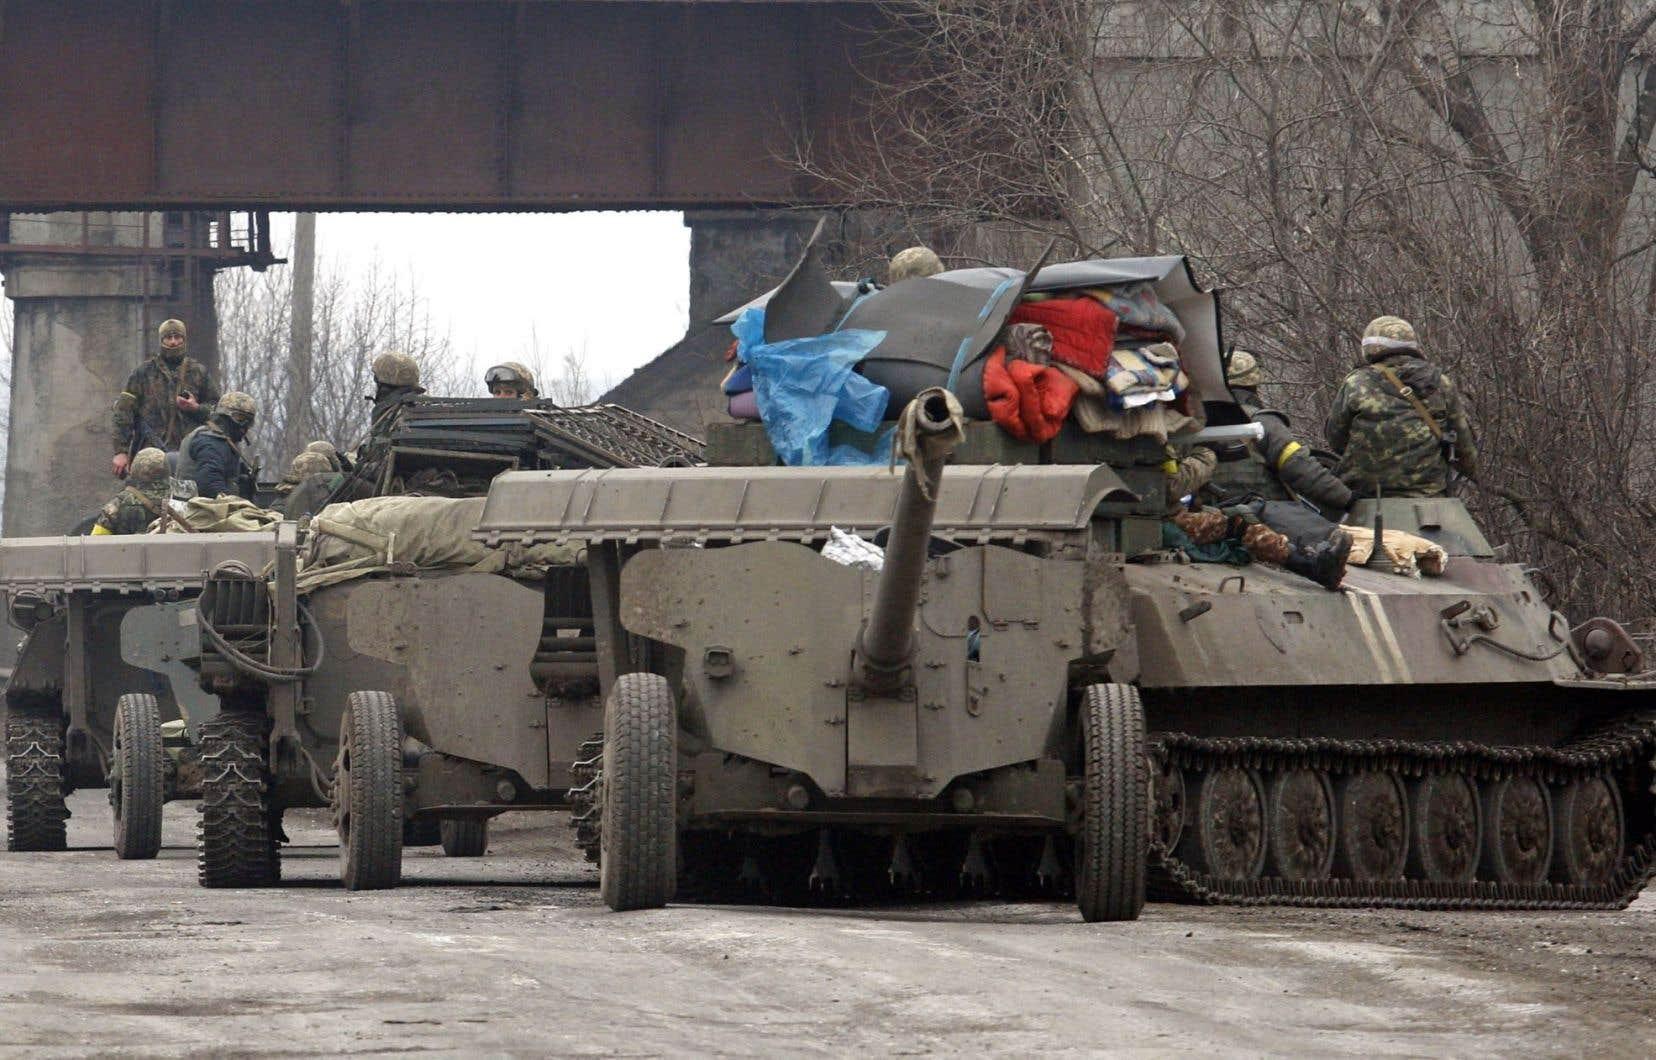 Des soldats ukrainiens ont quitté jeudi leur position près d'Atemivsk, emportant leurs armes lourdes.